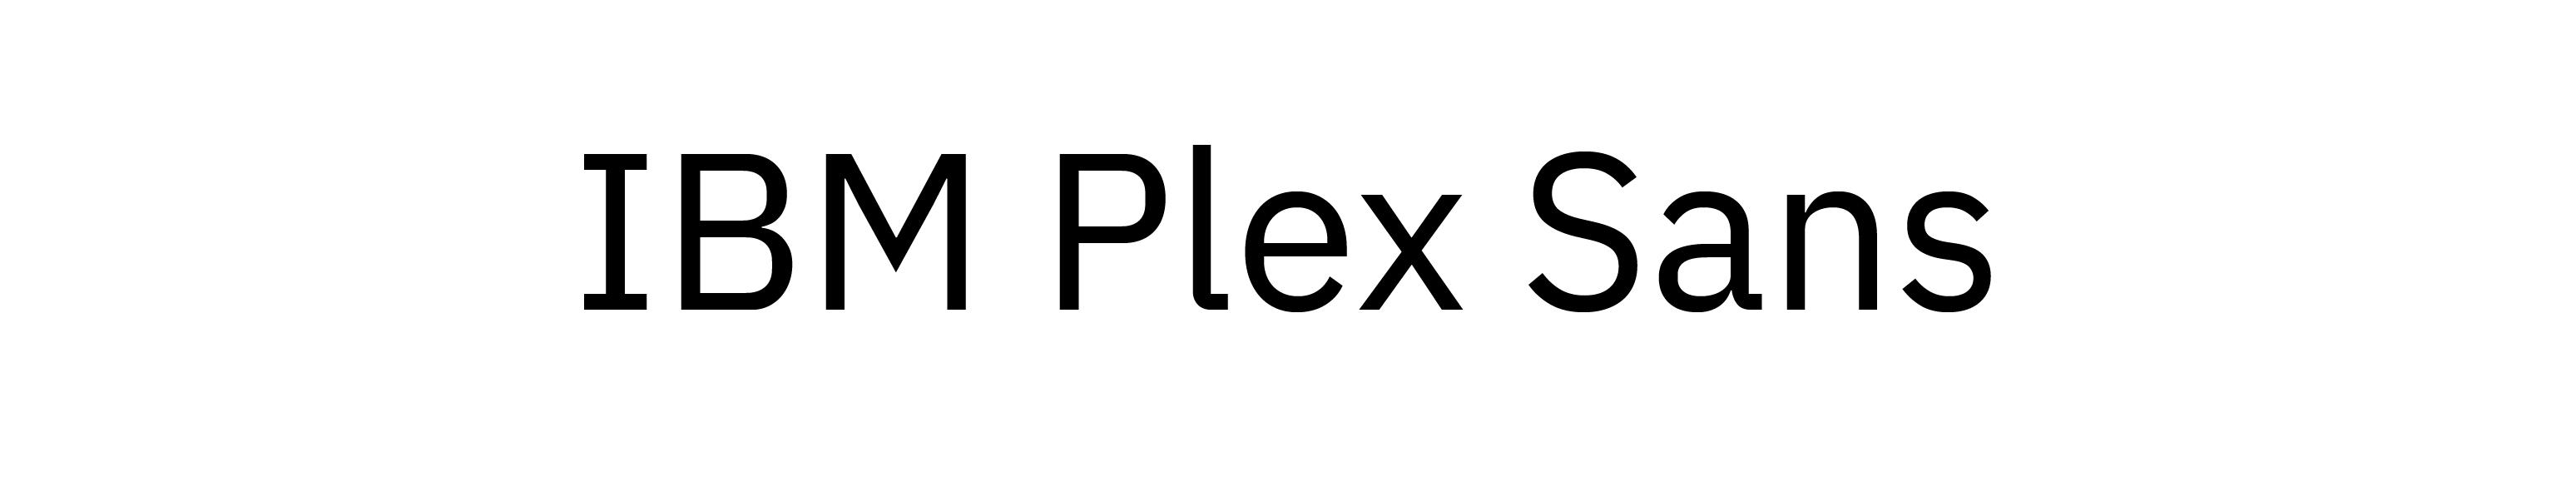 IBM Plex Sans